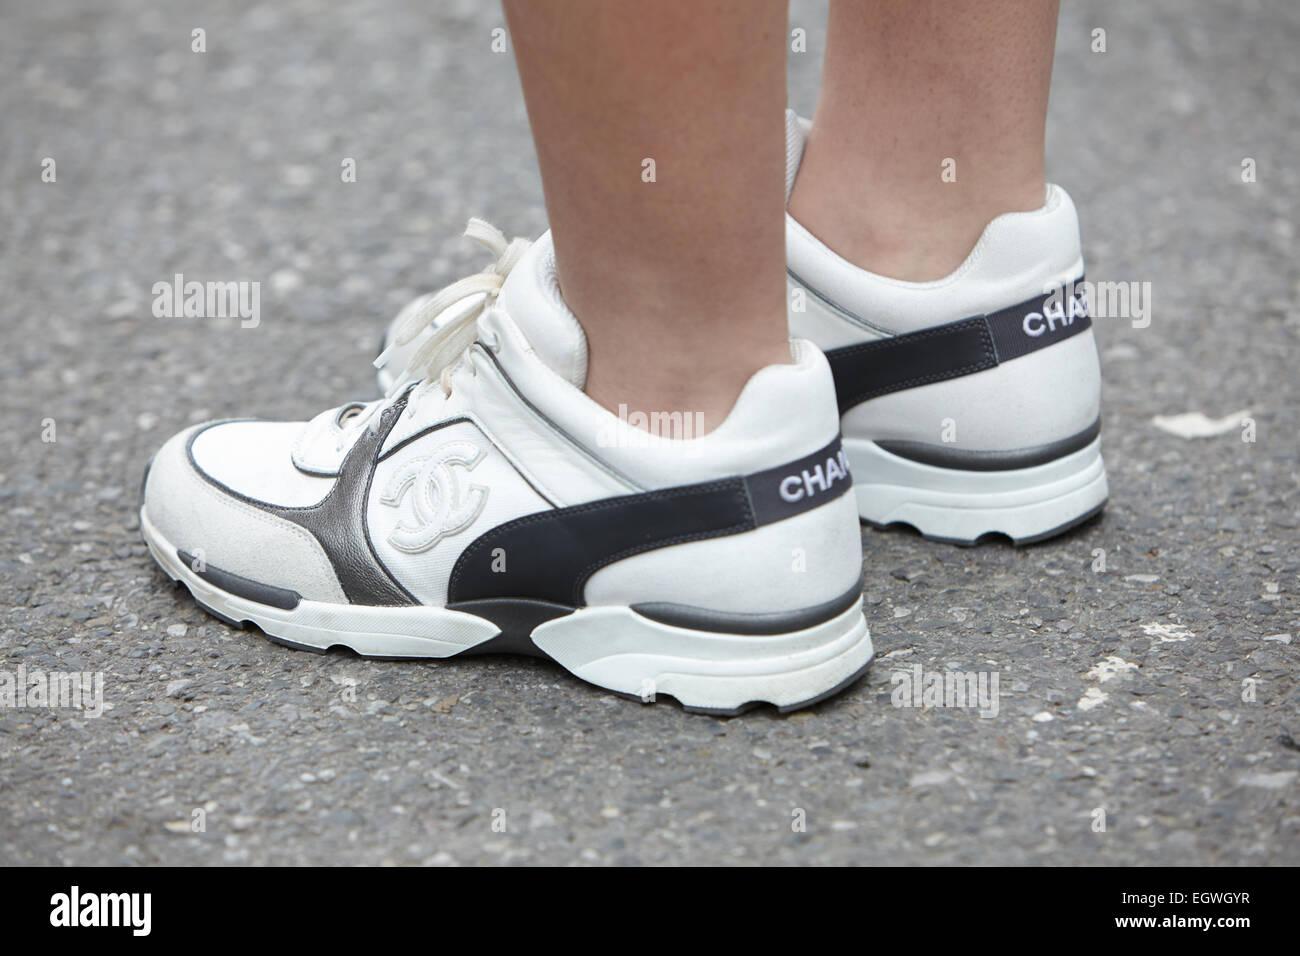 timeless design c3a07 d521f Chanel Schuhe Stockfotos & Chanel Schuhe Bilder - Alamy